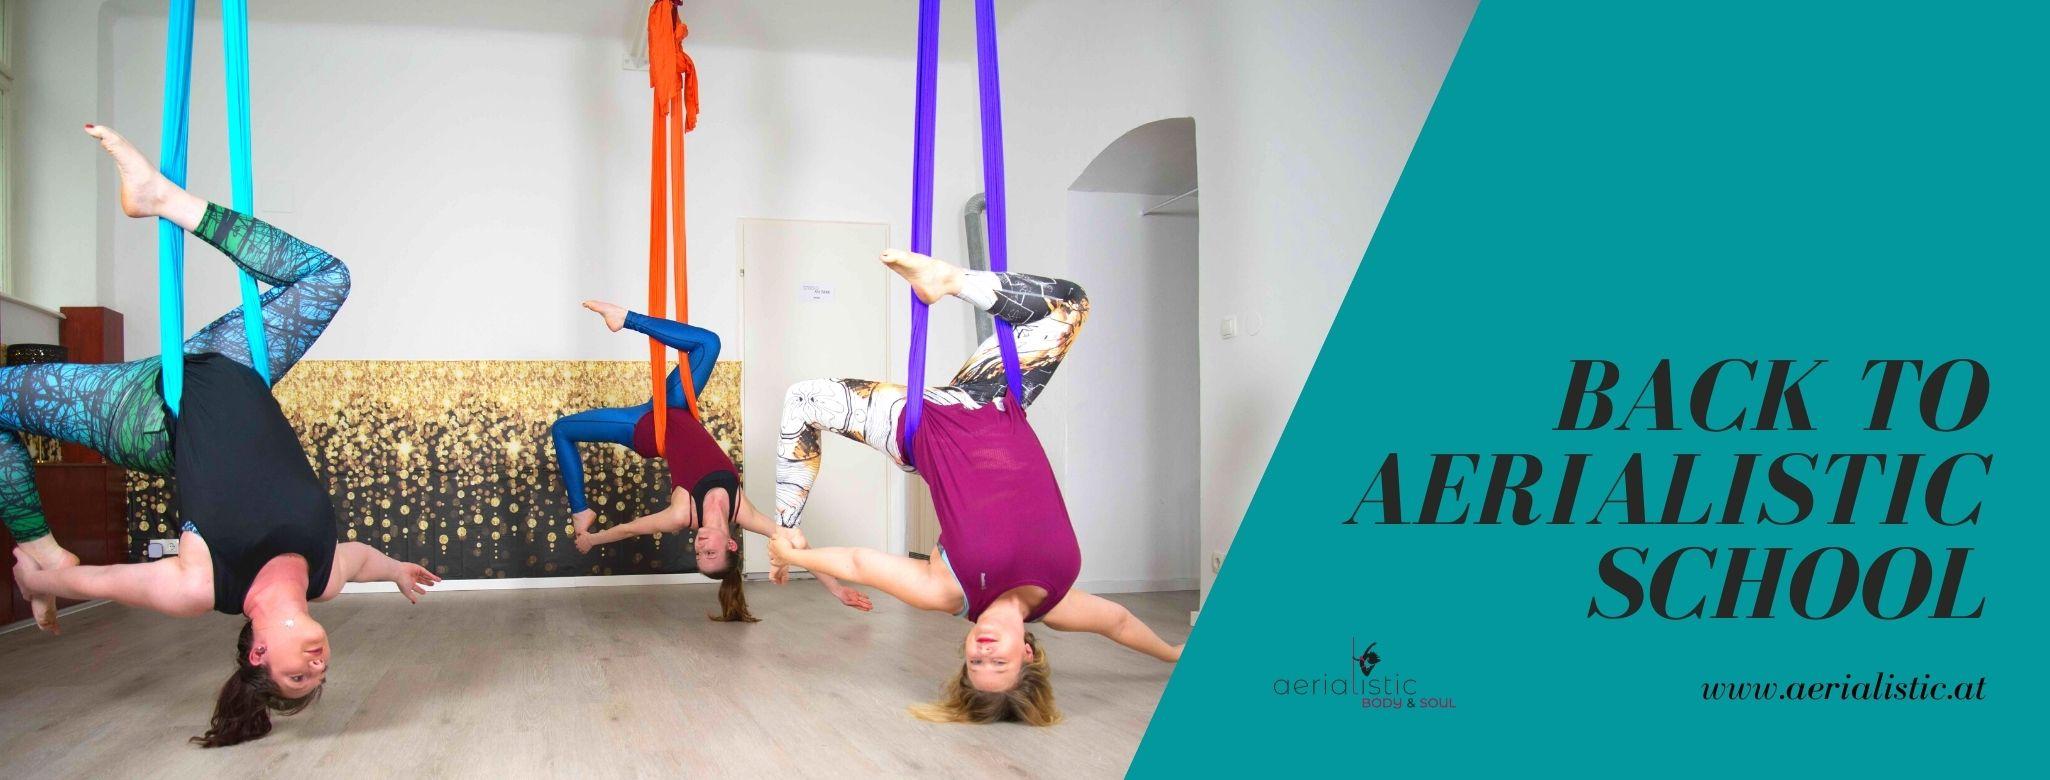 Aerialistic Body & Soul ist der richtige Ort für dich, um endlich tanzen zu können. Probiere dich in Aerial Hammock